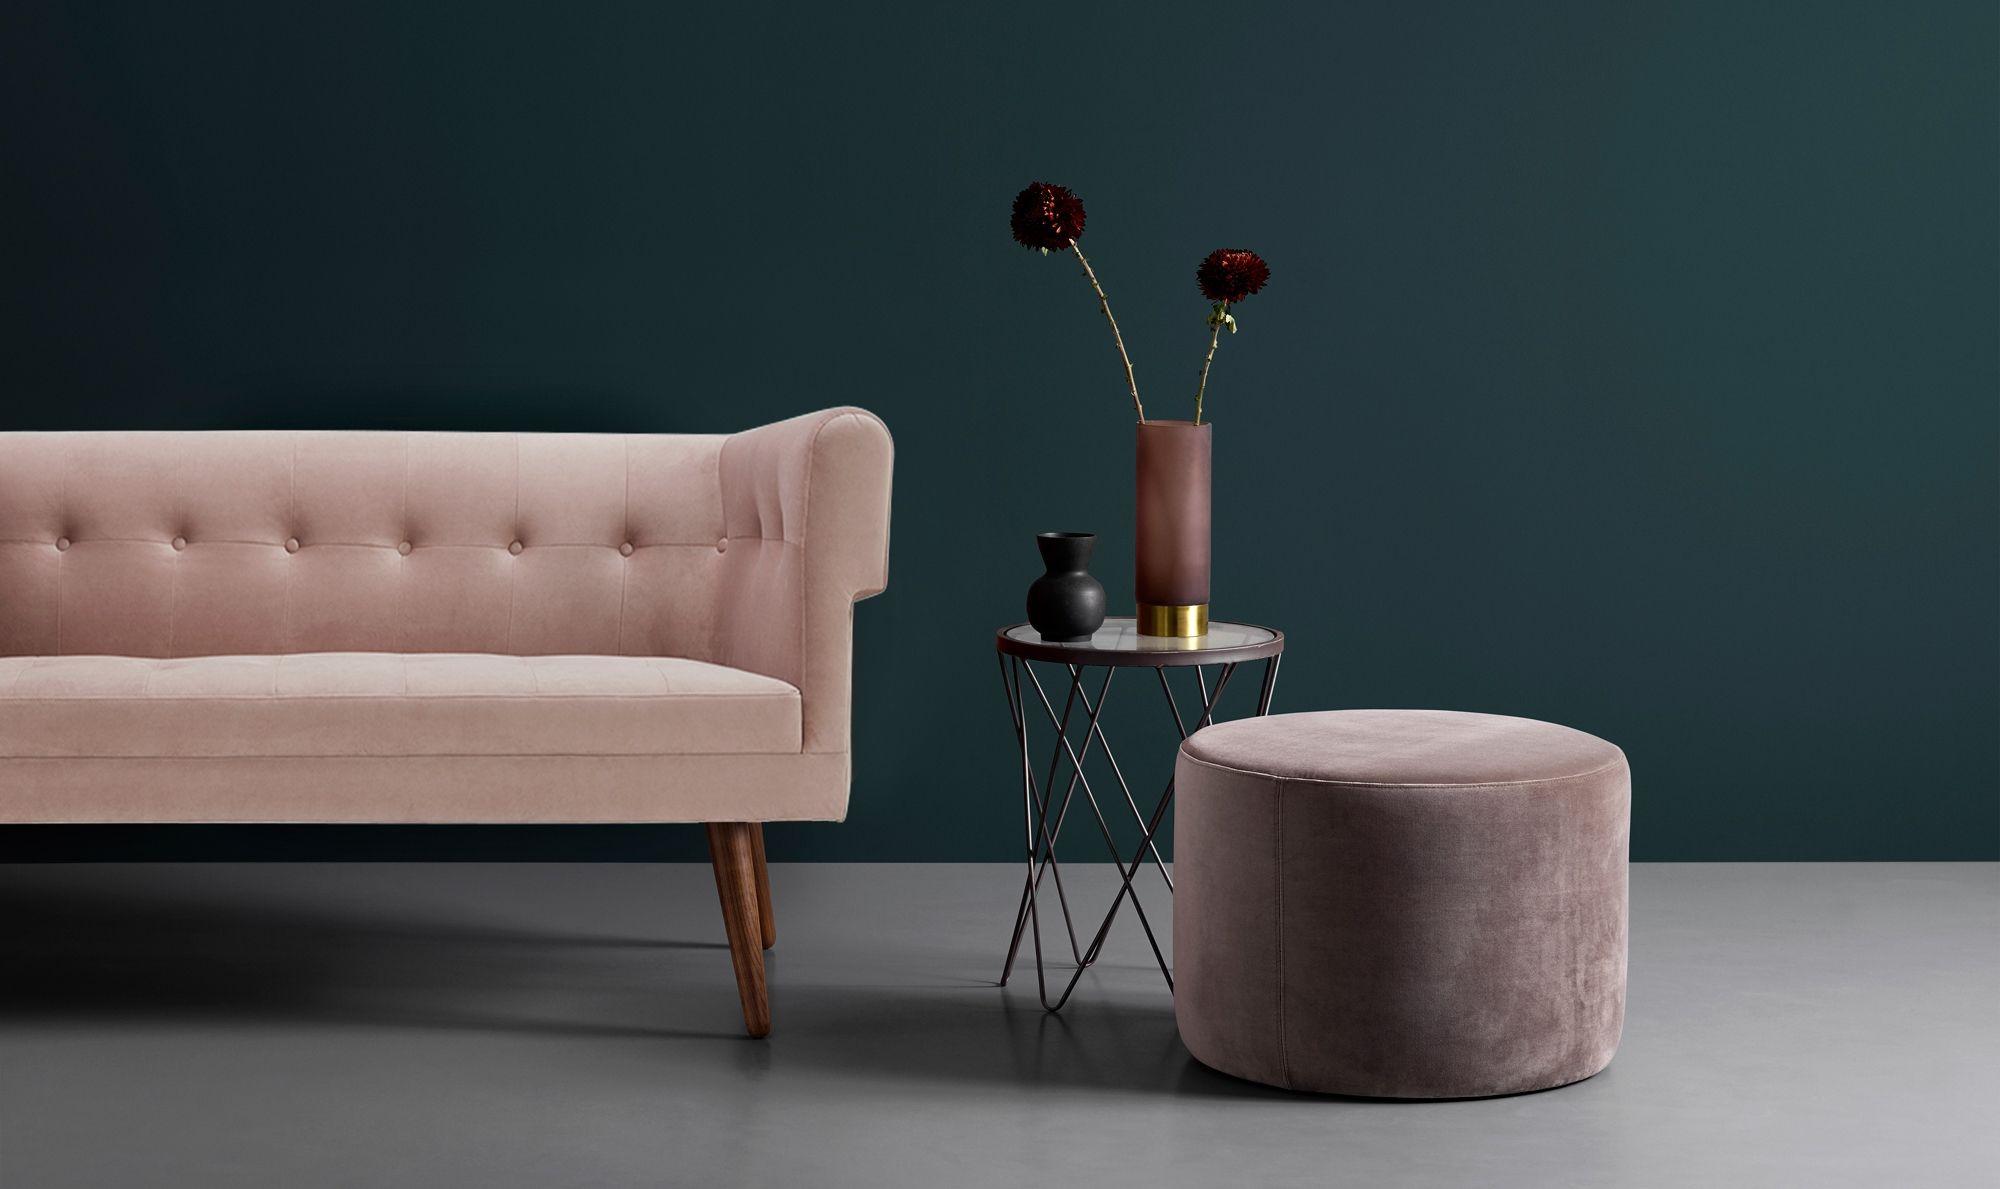 Nieuwe #meubel #zitmeubel #sofa #interieur #trend 2017 #pastel ...